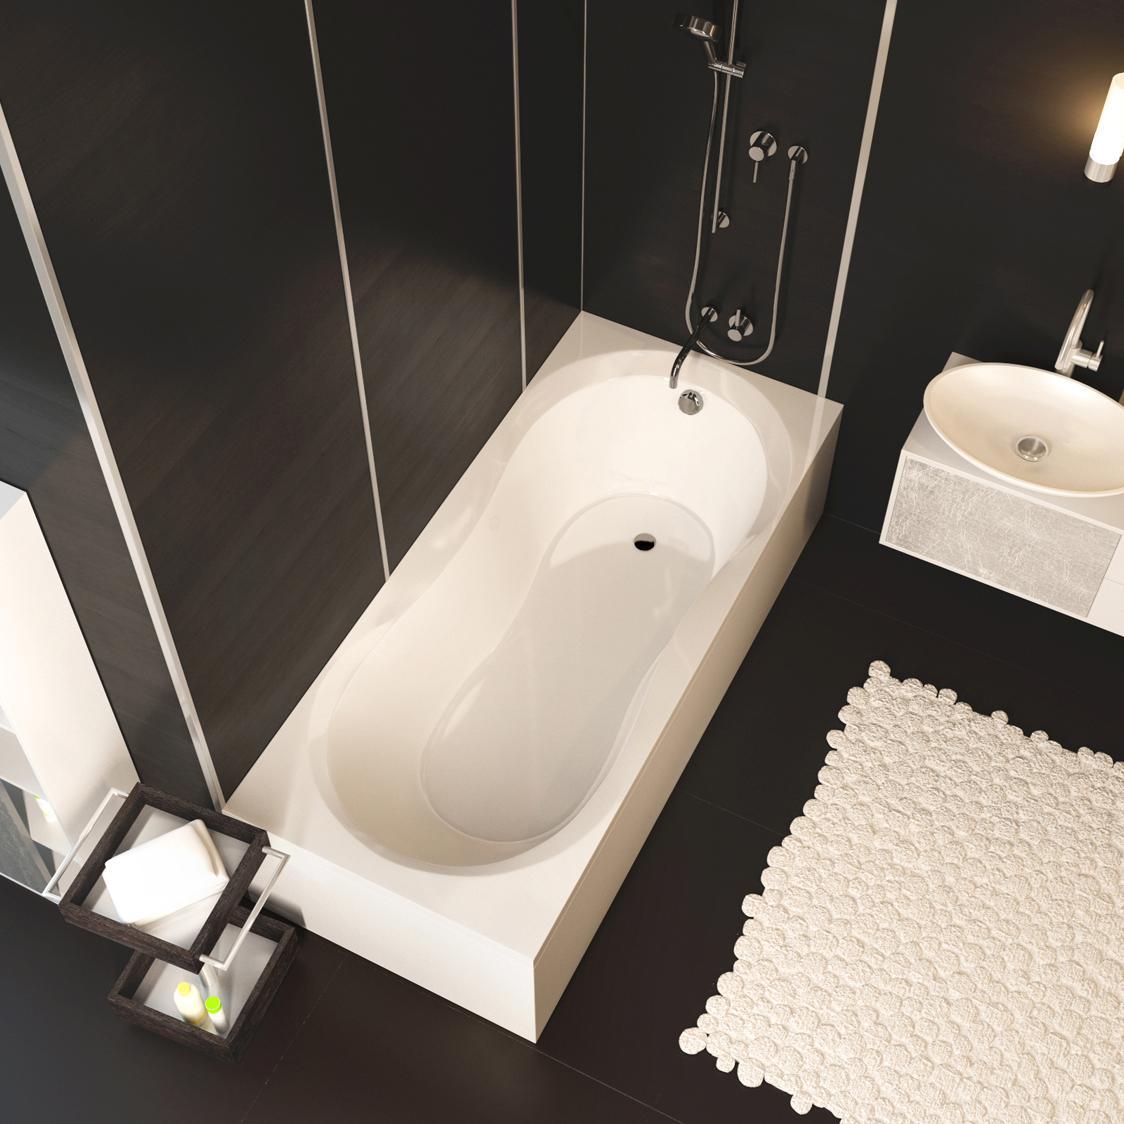 Акриловая ванна Alpen Mars 170x75 акриловая ванна alpen fontana 170x75 комплект